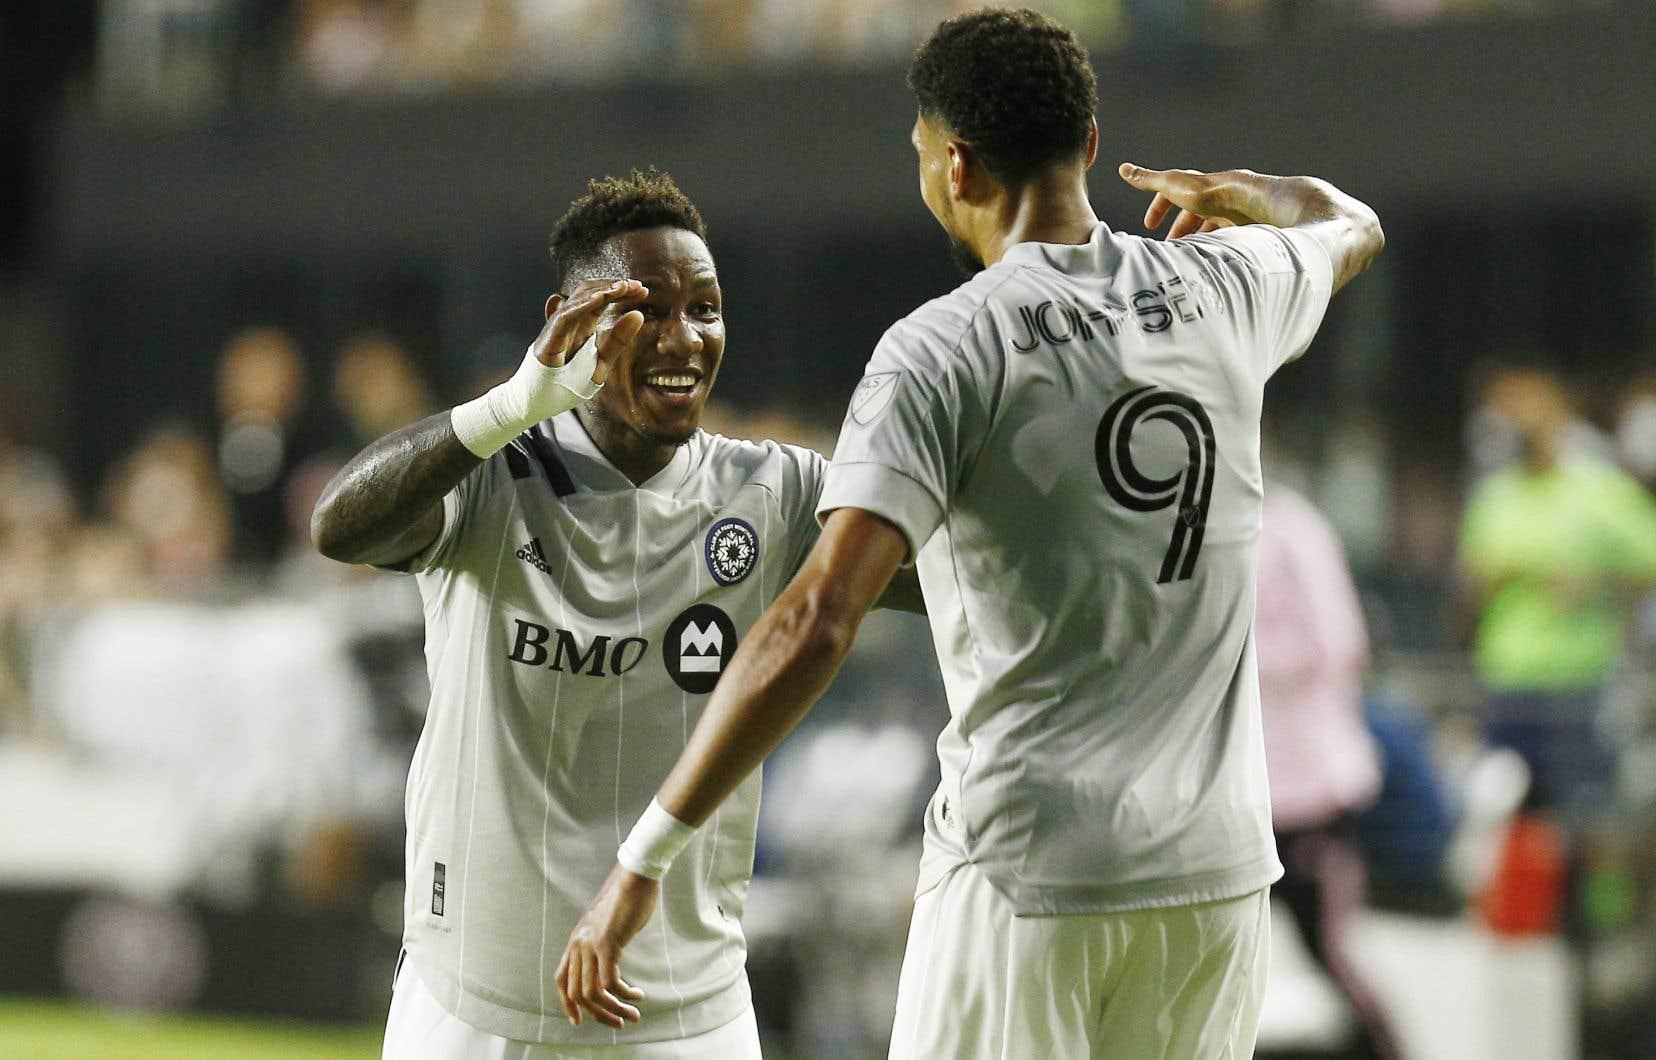 La victoire de 2-0 contre l'Inter Miami mercredi tend à confirmer que l'équipe peut compter sur un bel éventail de ressources au sein de la formation.